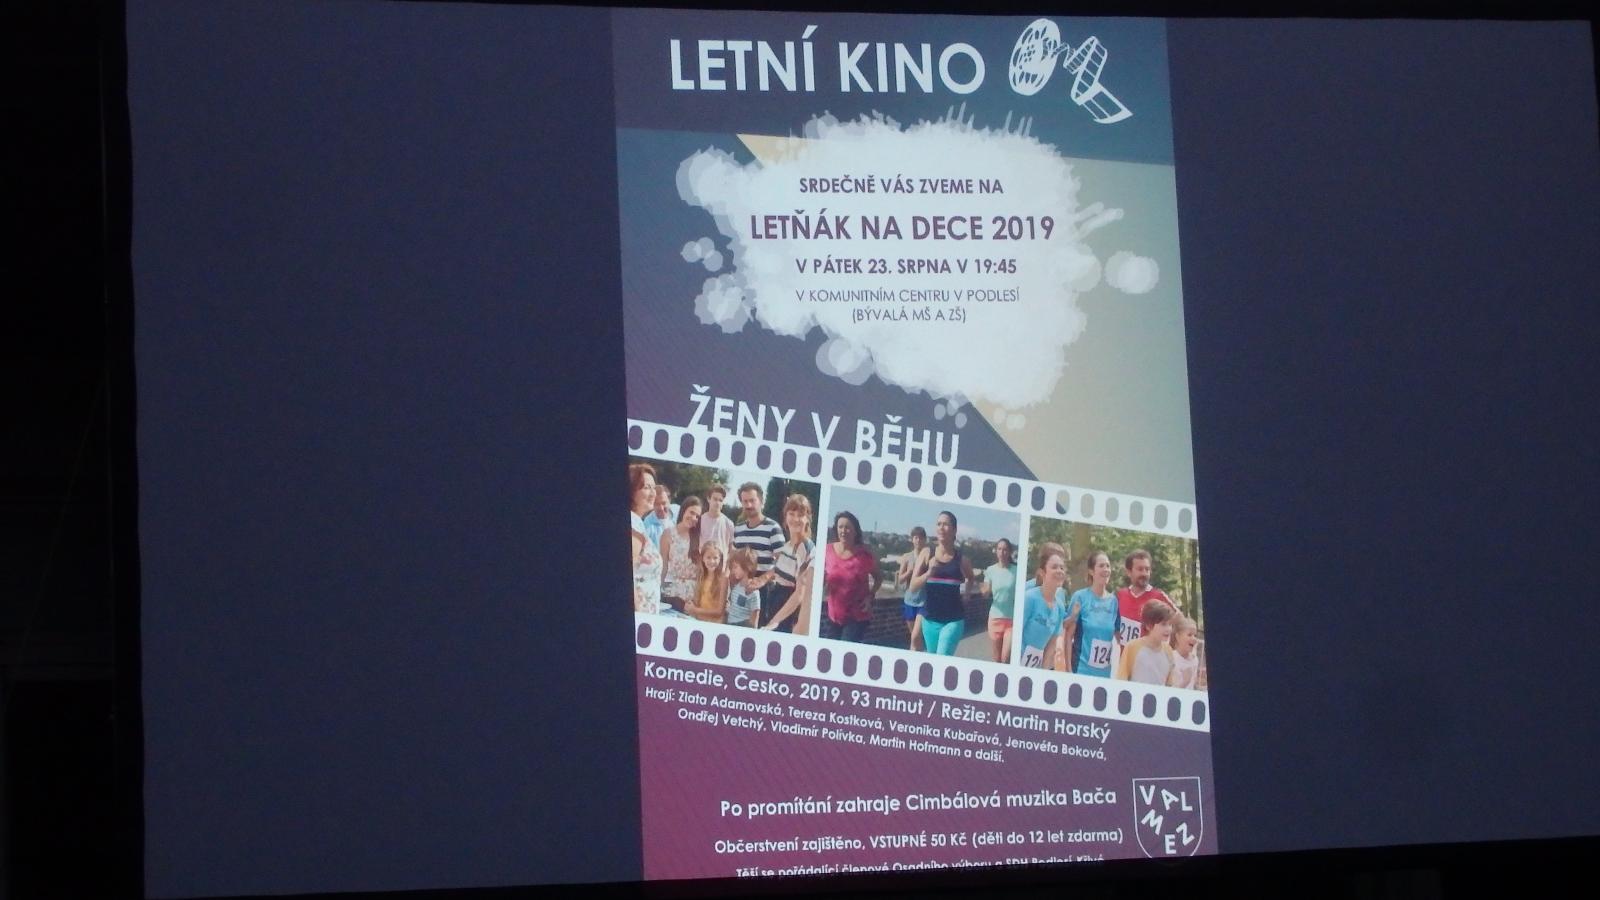 Letní kino na dece